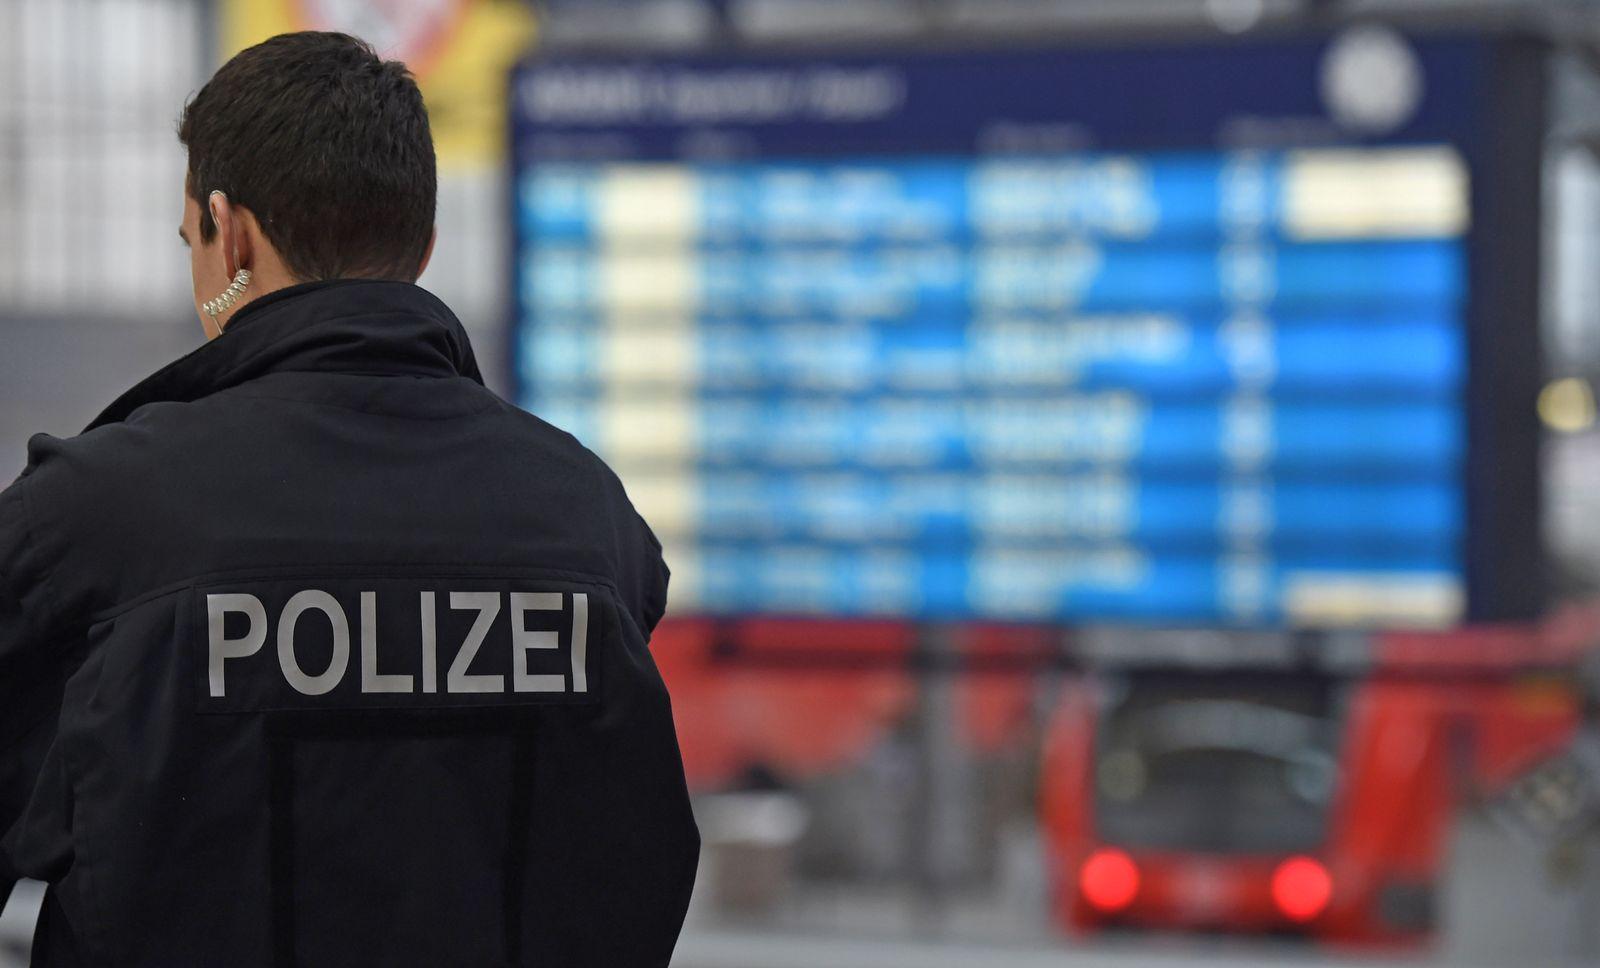 München/ Polizei/